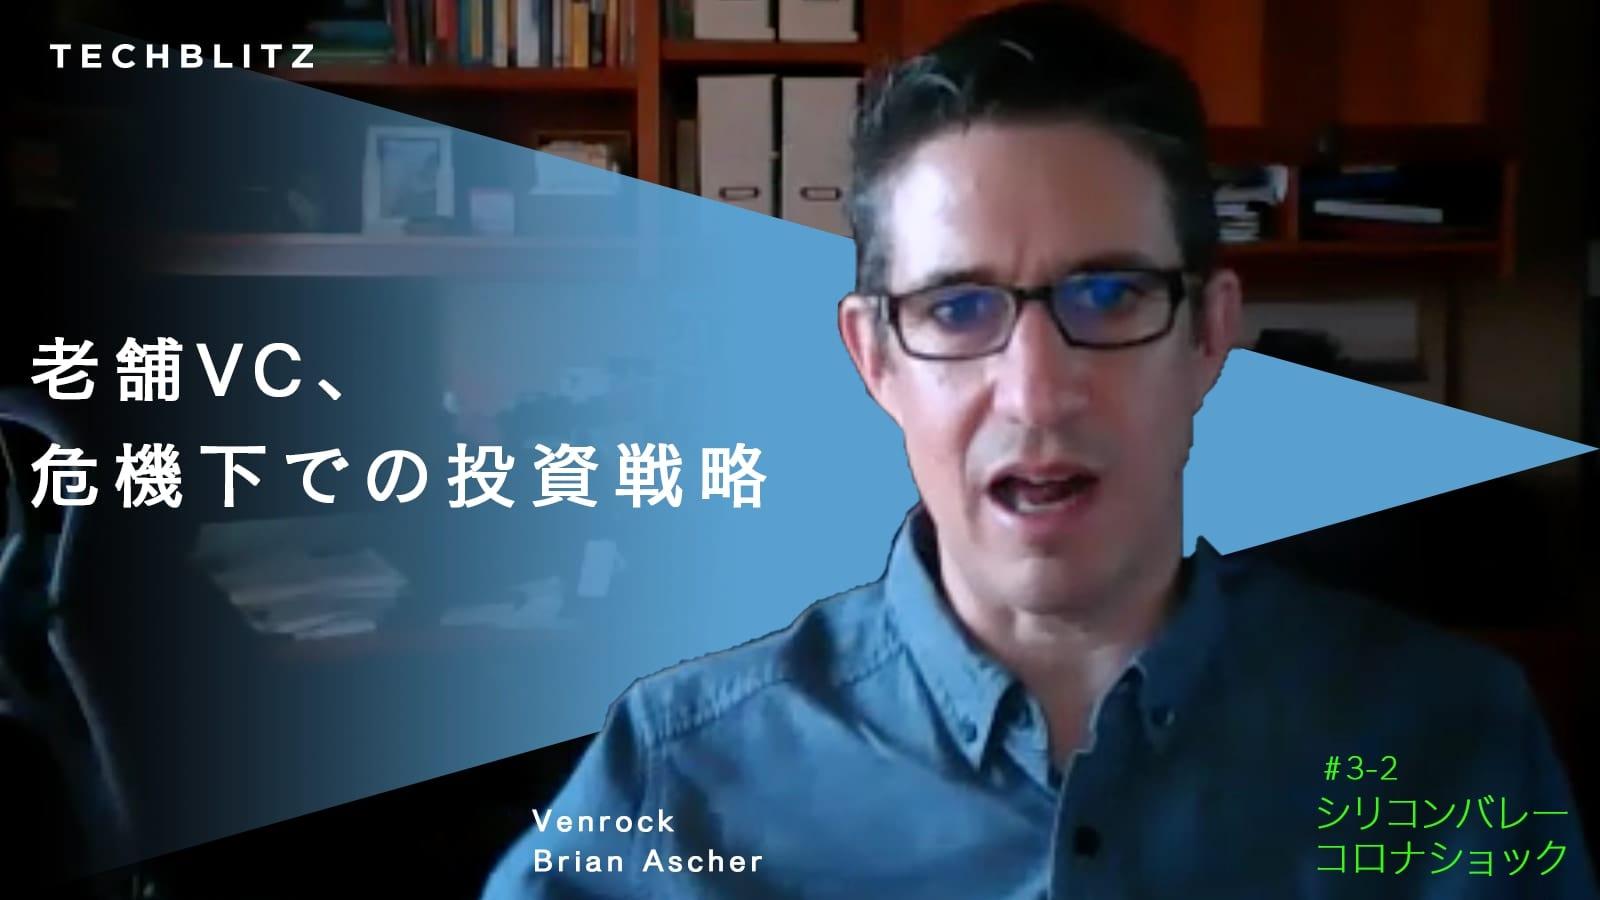 【Venrock】50年の歴史を持つVCは、コロナ危機をこう見る